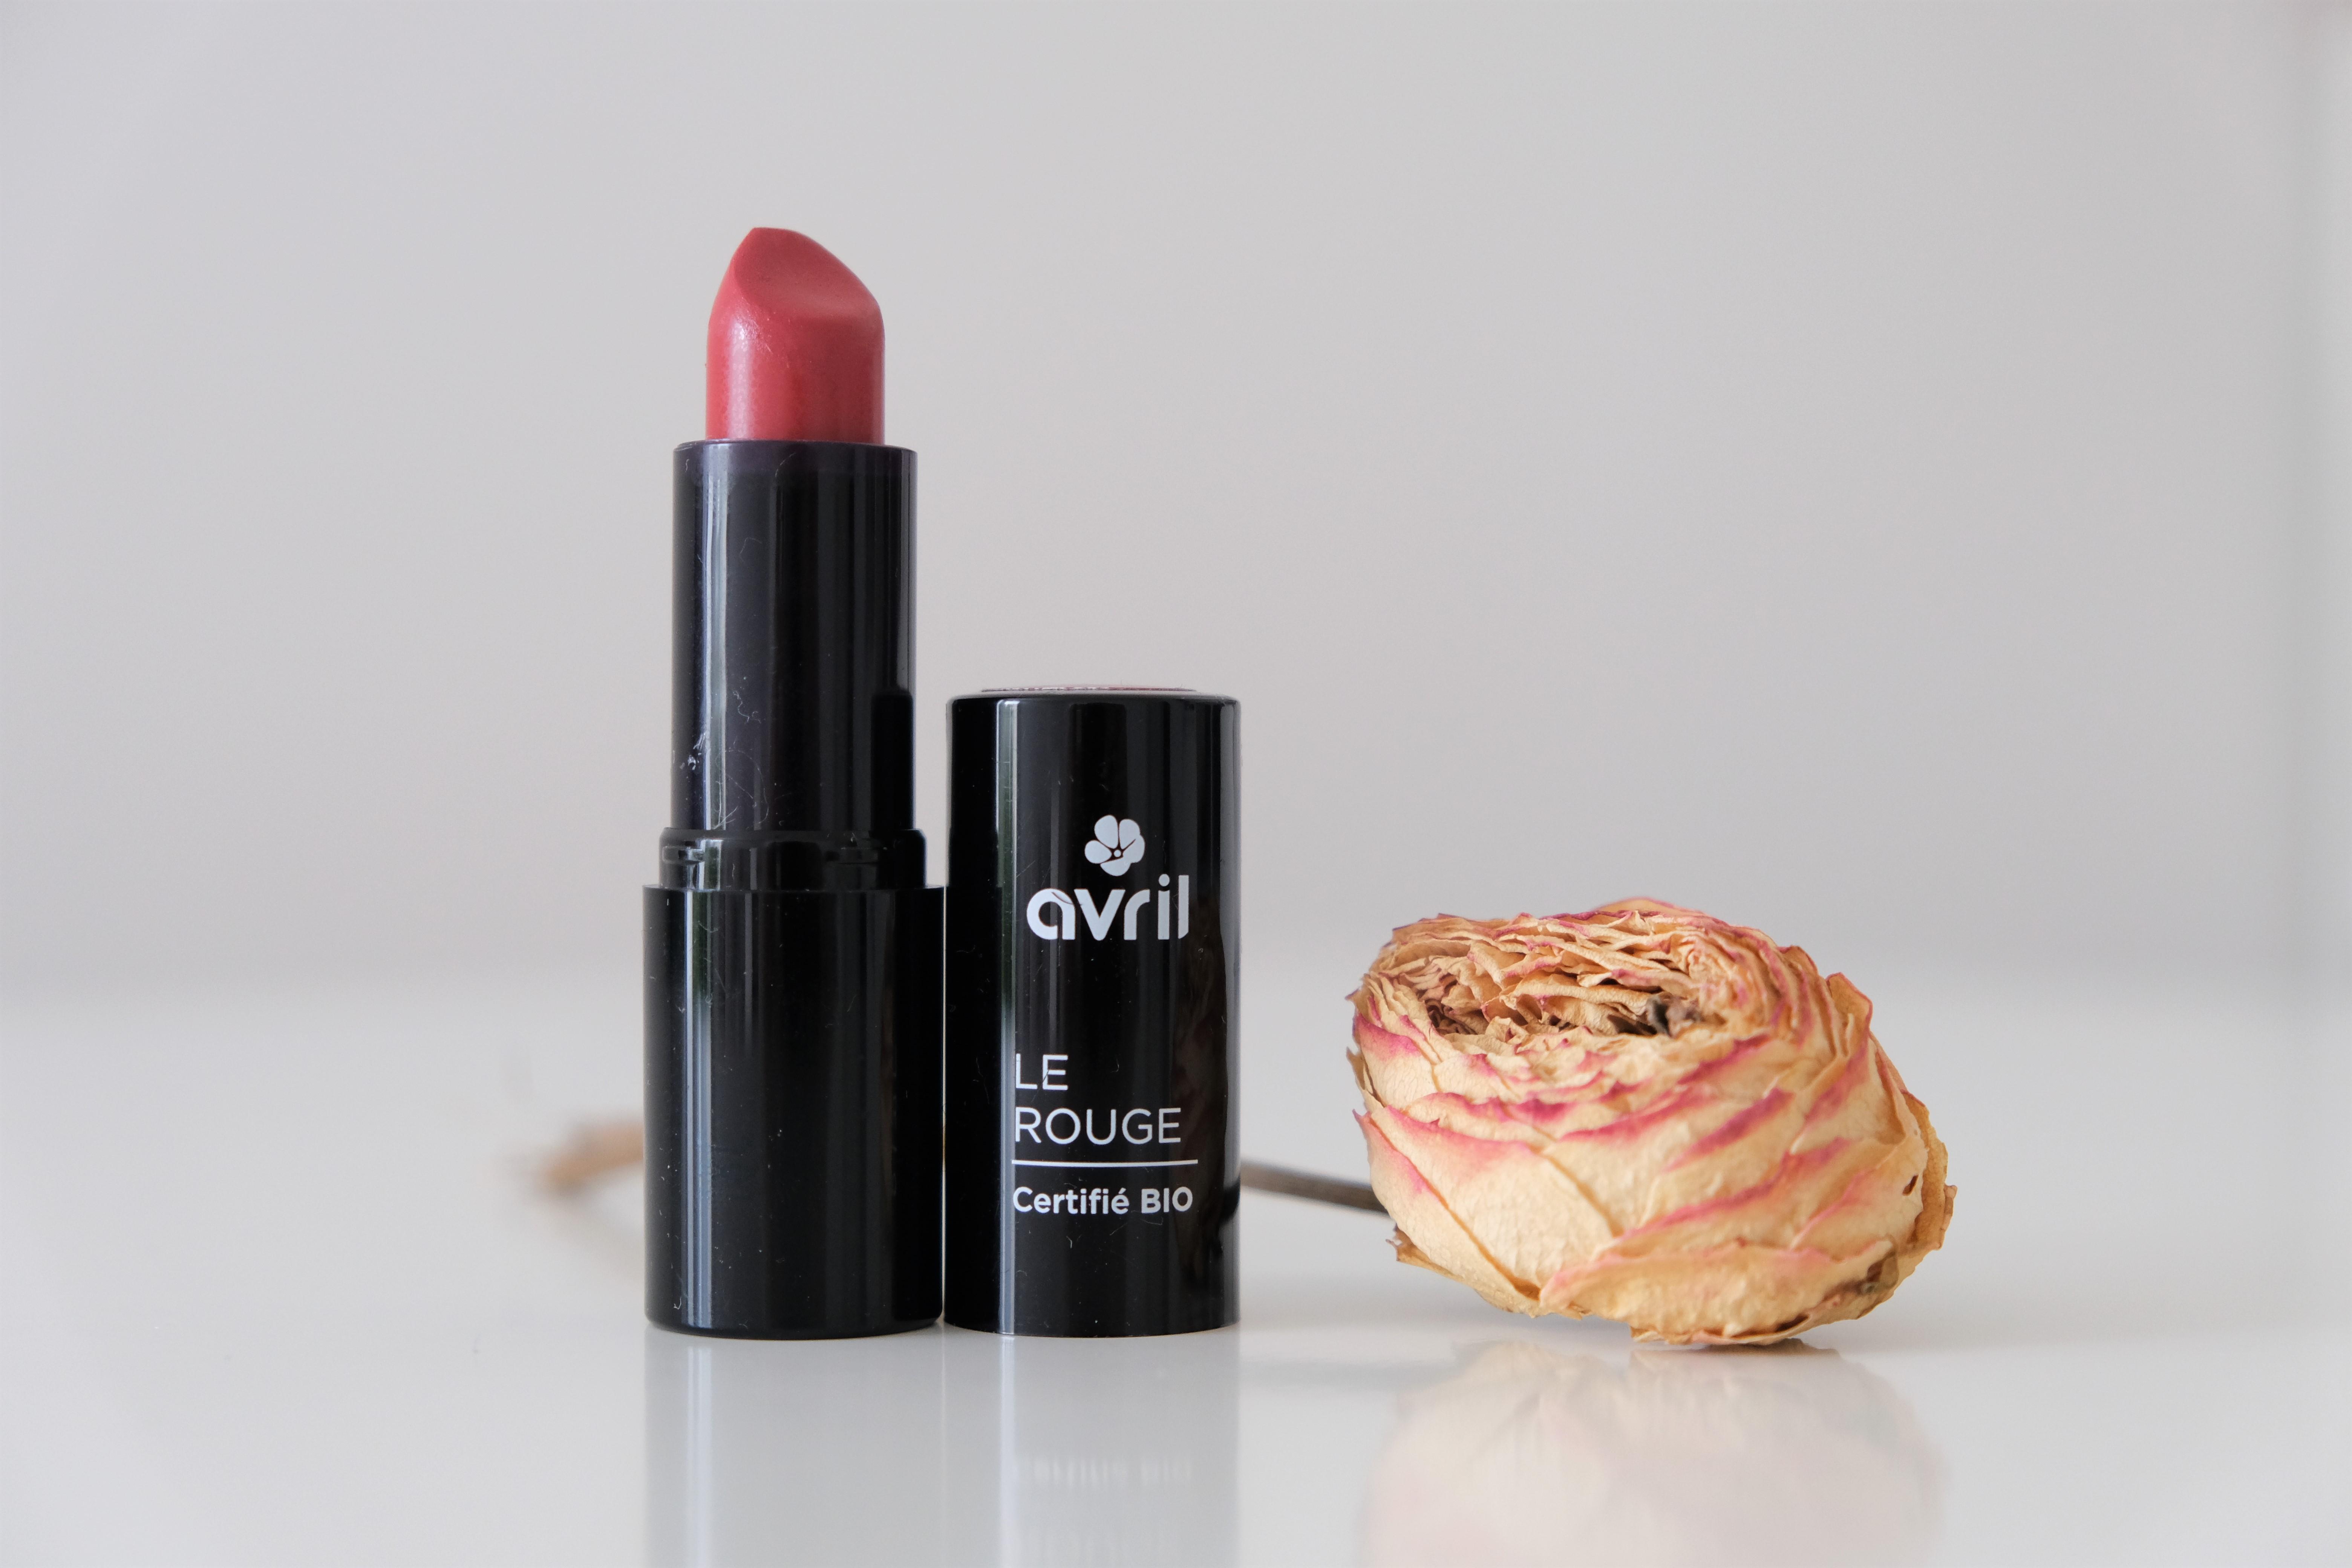 Maquillage bio & naturel : les jolis rouges d'Avril